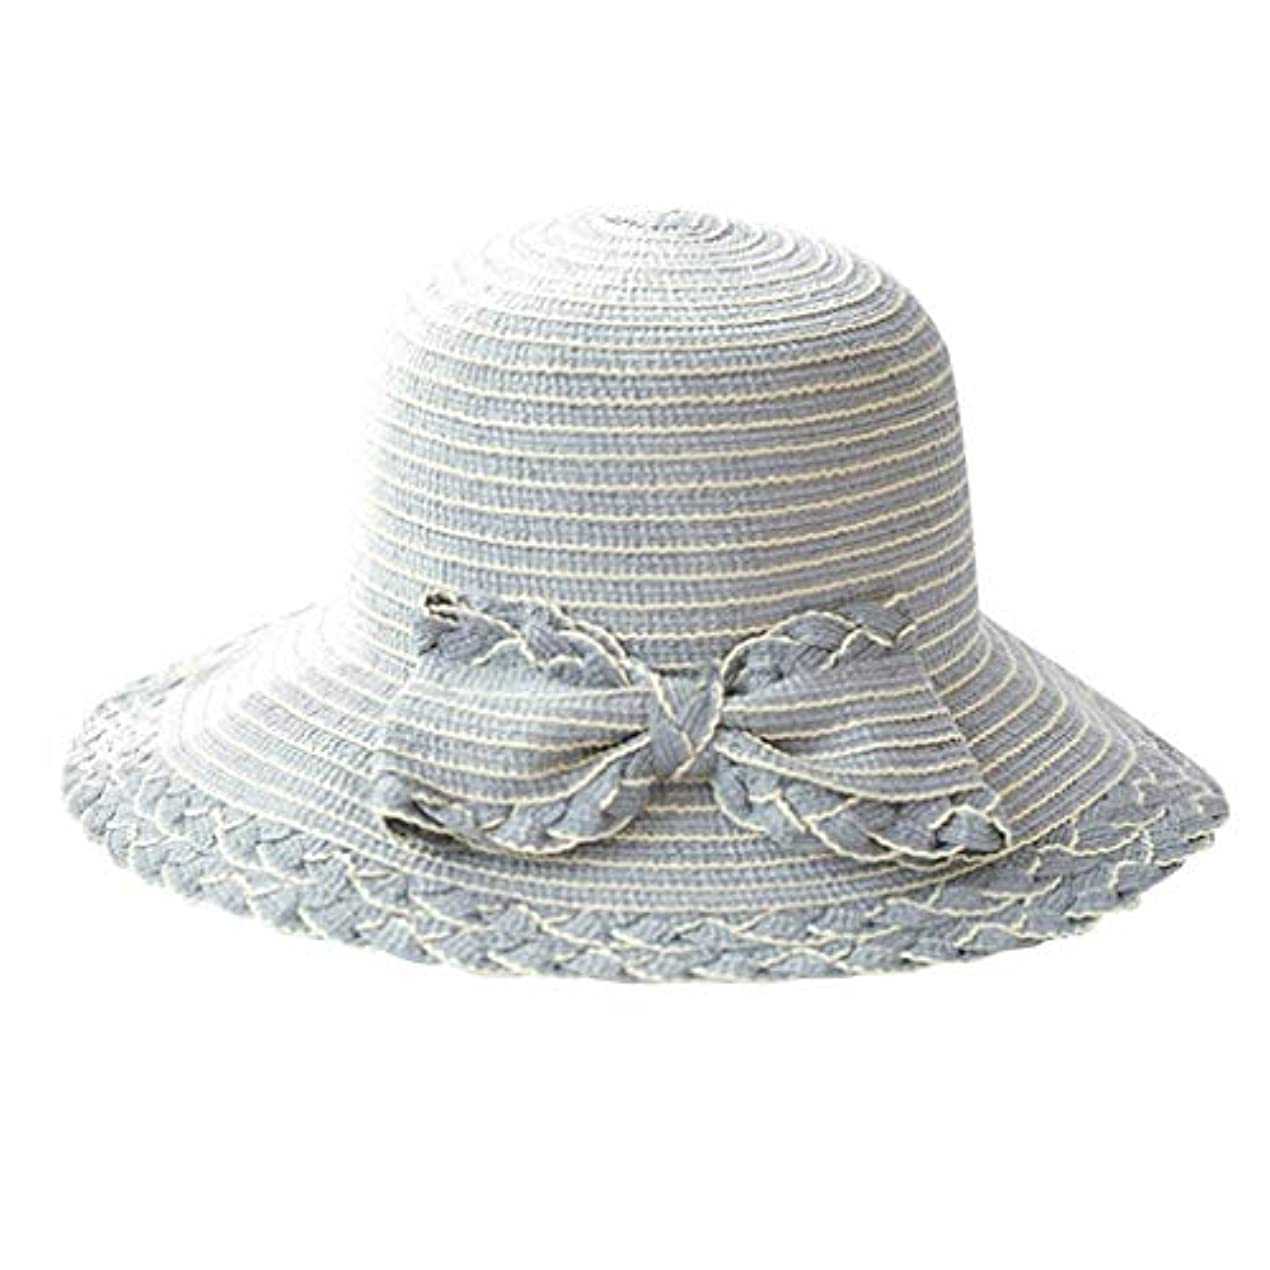 贅沢どれでも痛み夏 帽子 レディース UVカット 帽子 ハット レディース 日よけ 夏季 女優帽 日よけ 日焼け 折りたたみ 持ち運び つば広 吸汗通気 ハット レディース 紫外線対策 小顔効果 ワイヤー入る ハット ROSE ROMAN